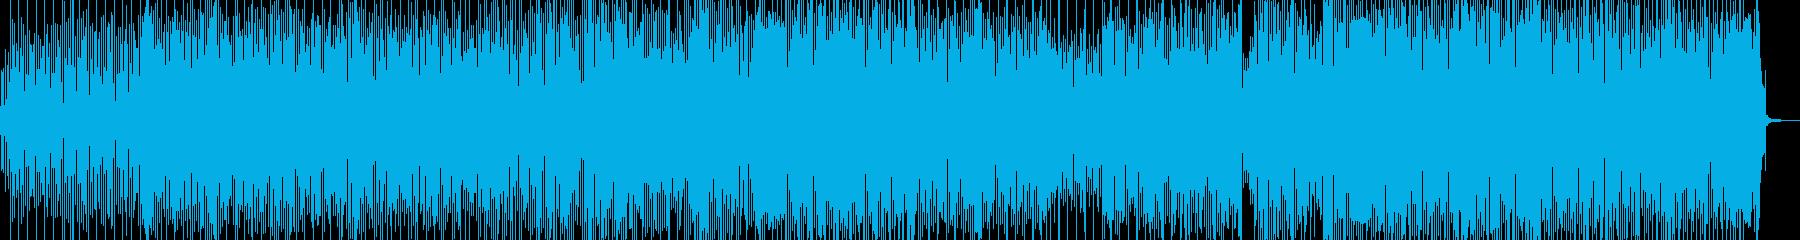 並み足・楽しいカントリーポップス 長尺の再生済みの波形